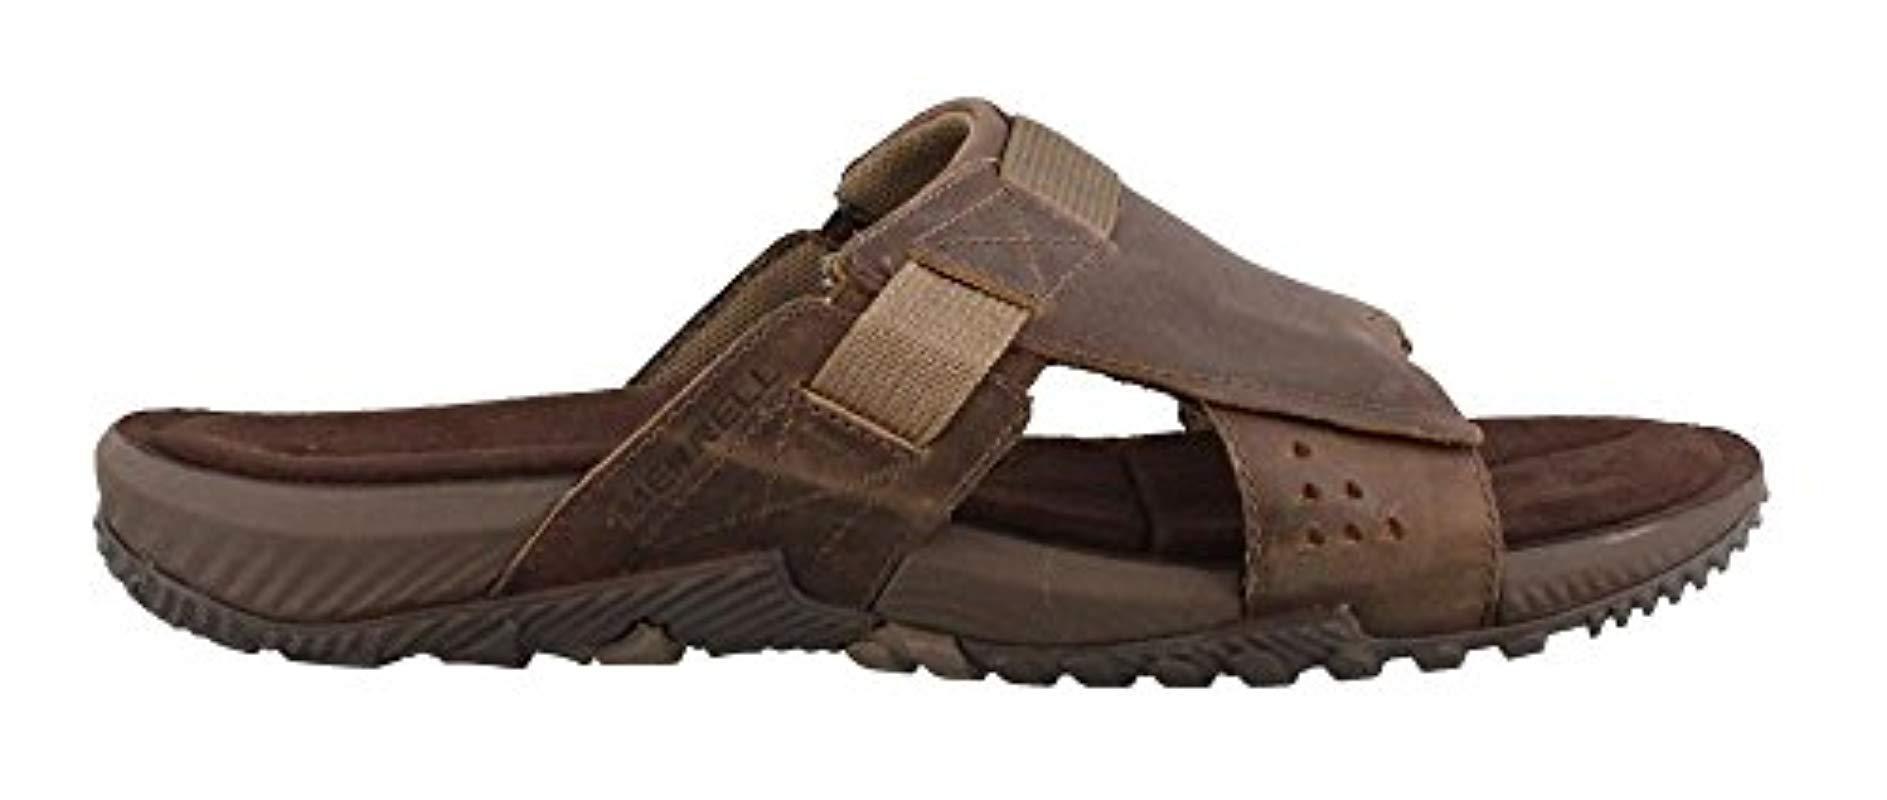 b35f50c2622c Lyst - Merrell Terrant Slide Sandal in Brown for Men - Save 24%